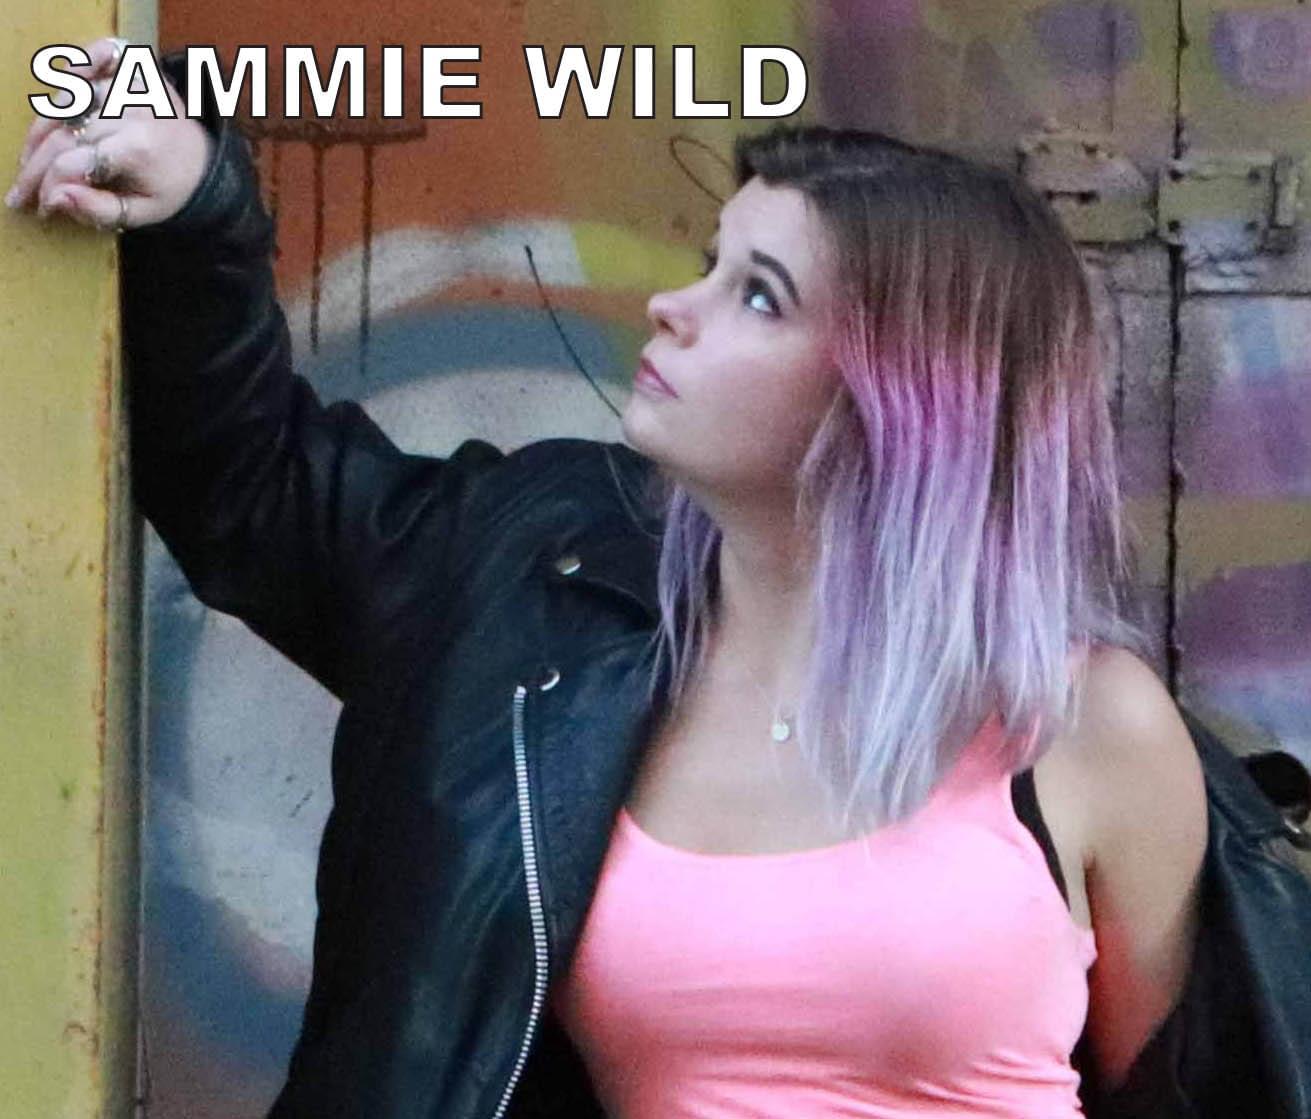 Sammie Wild